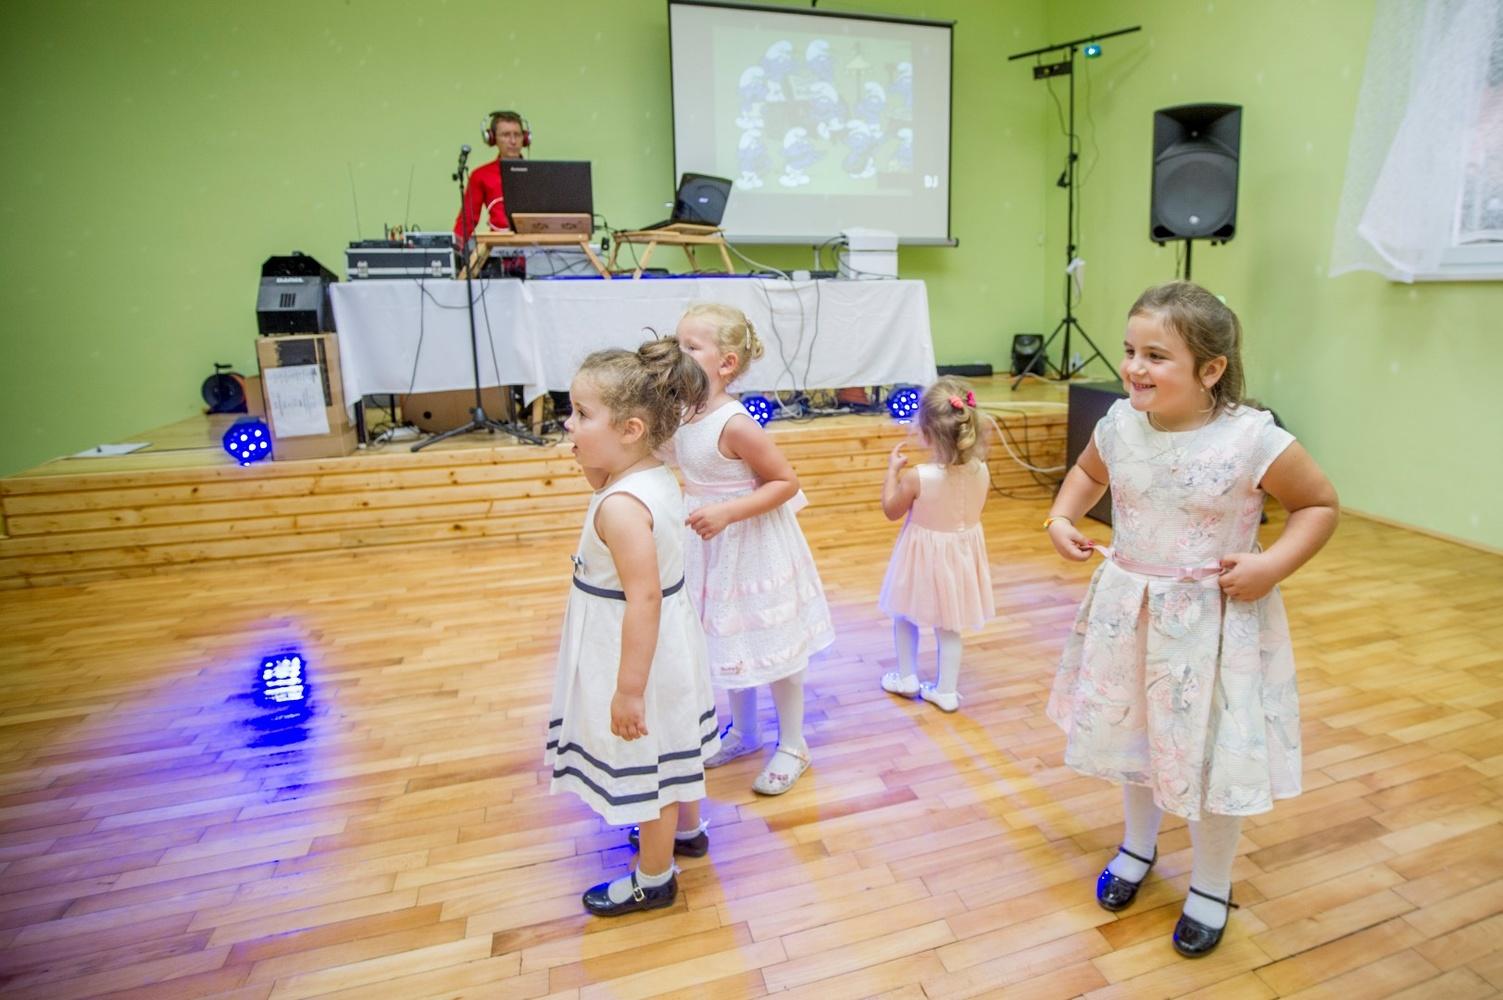 http://www.fotoz.sk/images/gallery-8/normal/eskuvoi-fotos_svadobny-fotograf_501.jpg